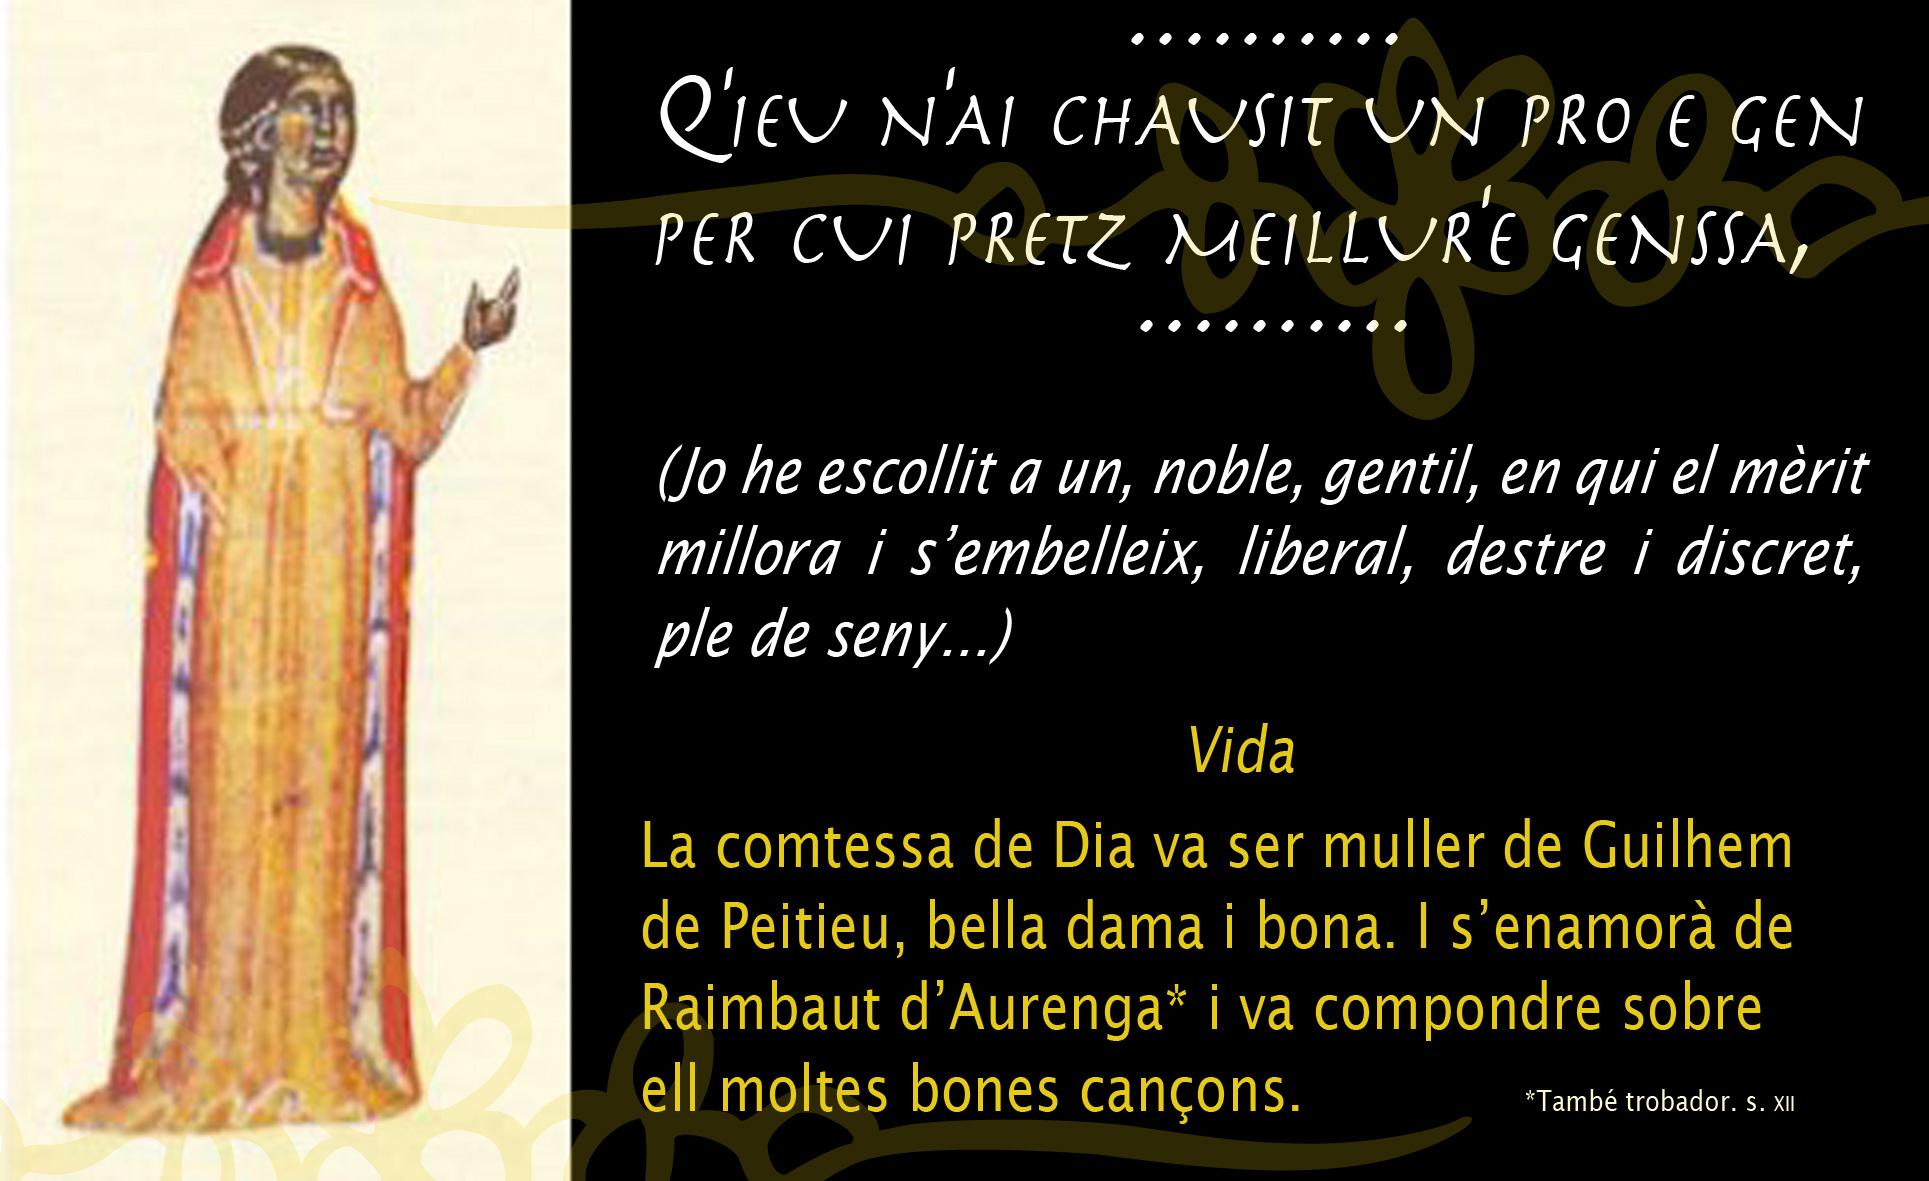 21.08.2010 La comtessa de Dia, una de les trobairitz més destacades, reclamant el recíproc dret de l'amor  -  Jordi Bibià